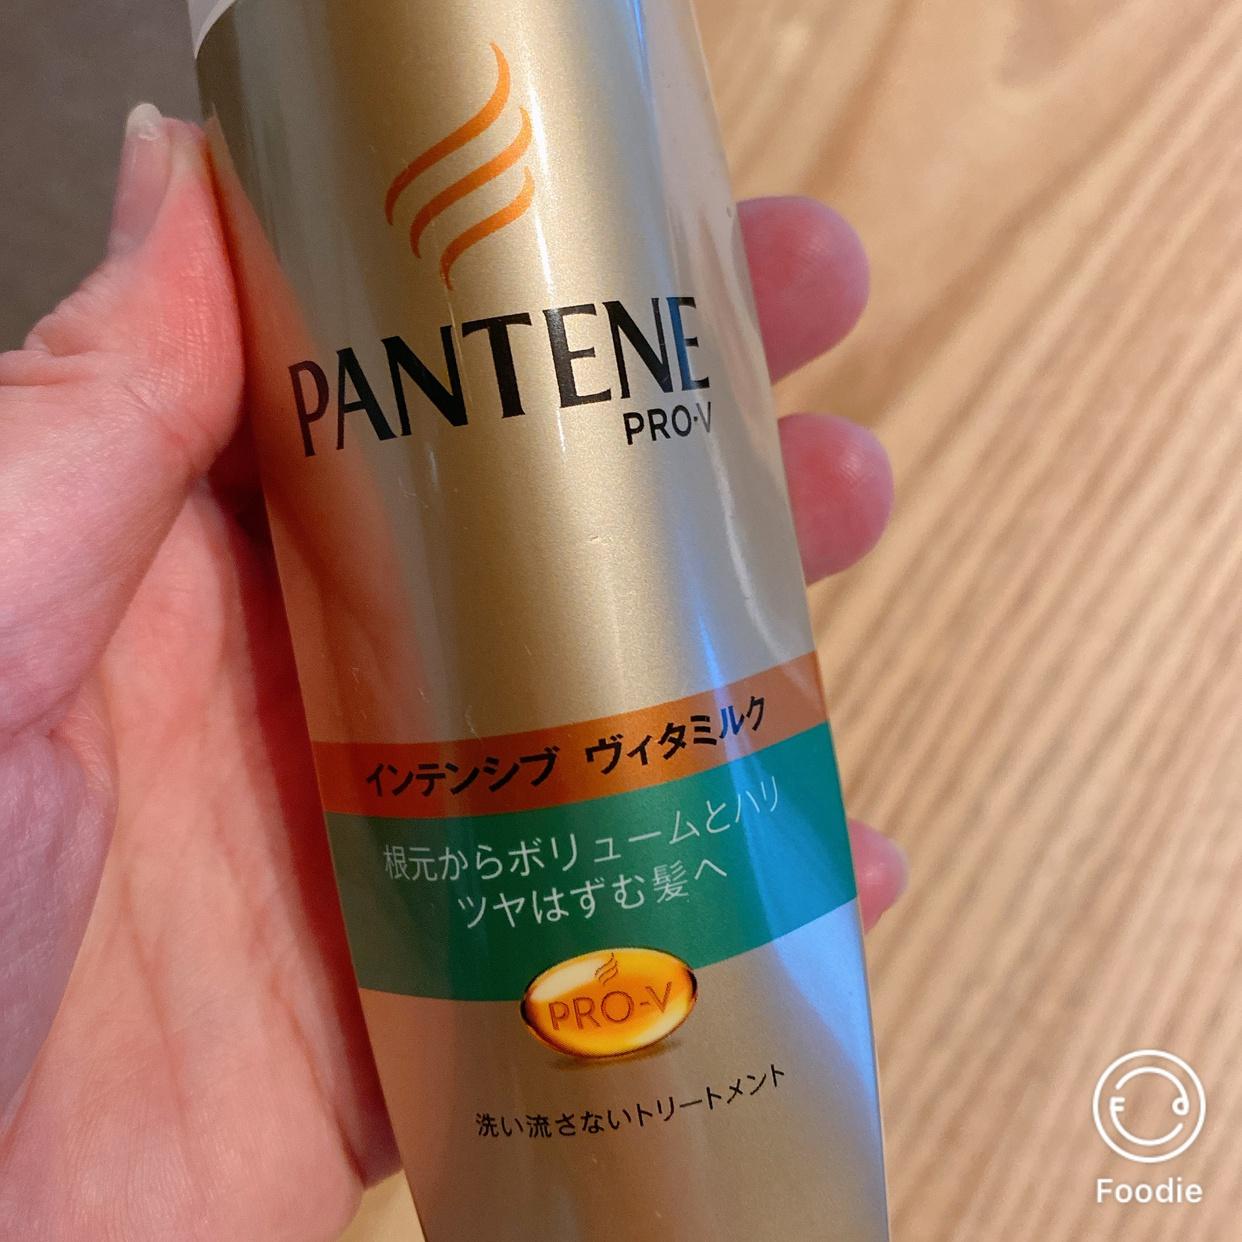 PANTENE(パンテーン) インテンシブ ヴィタミルクを使ったLotusさんのクチコミ画像2